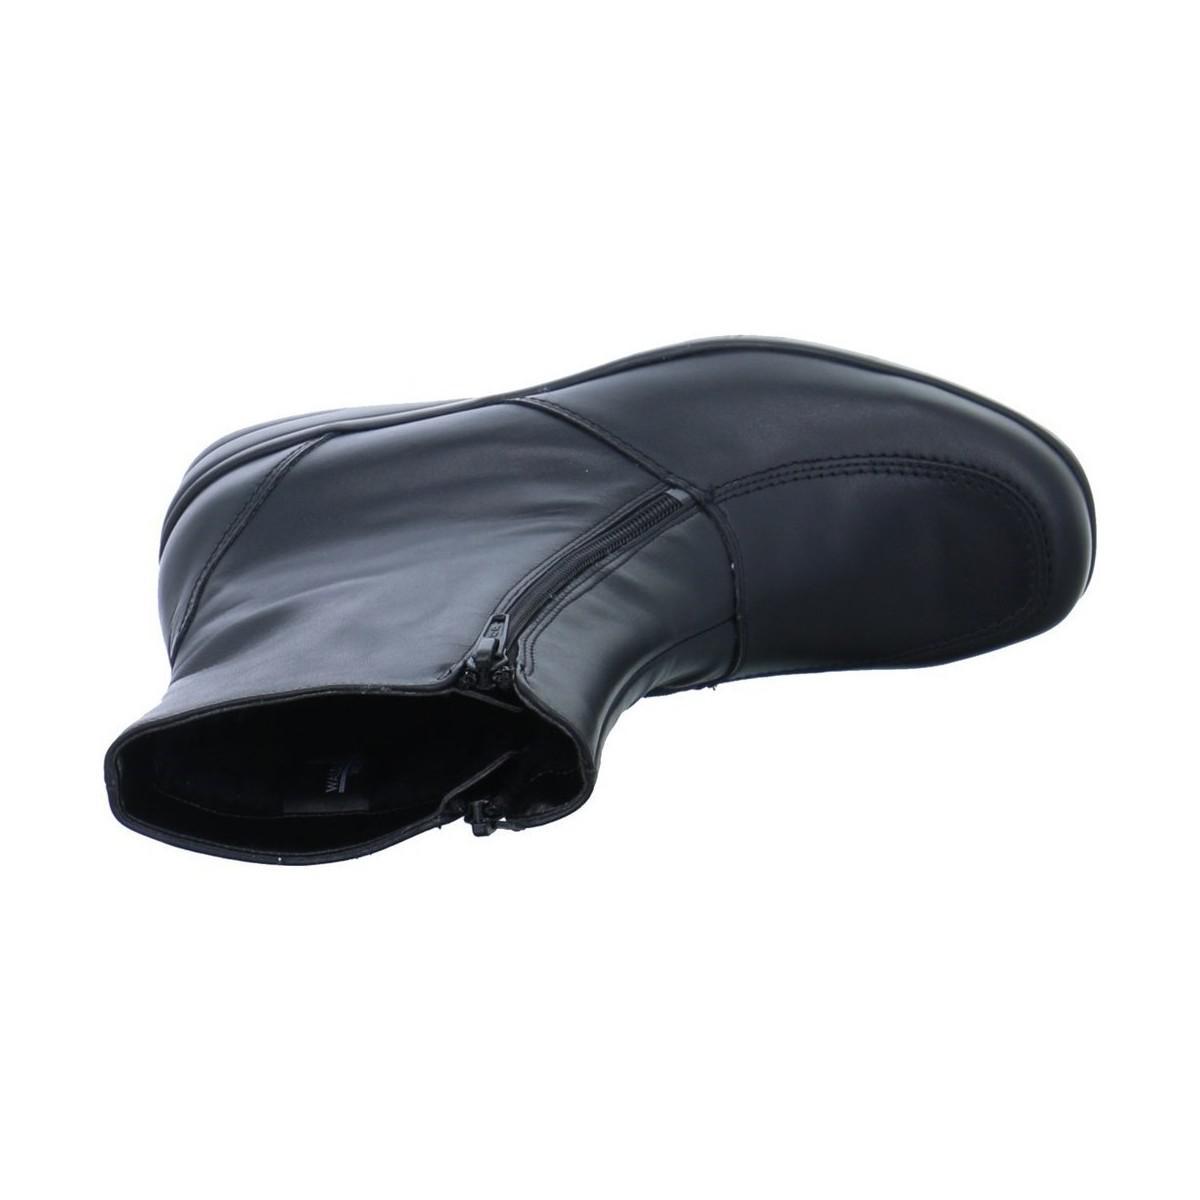 Waldläufer Hissa 25 Women's Low Ankle Boots In Black